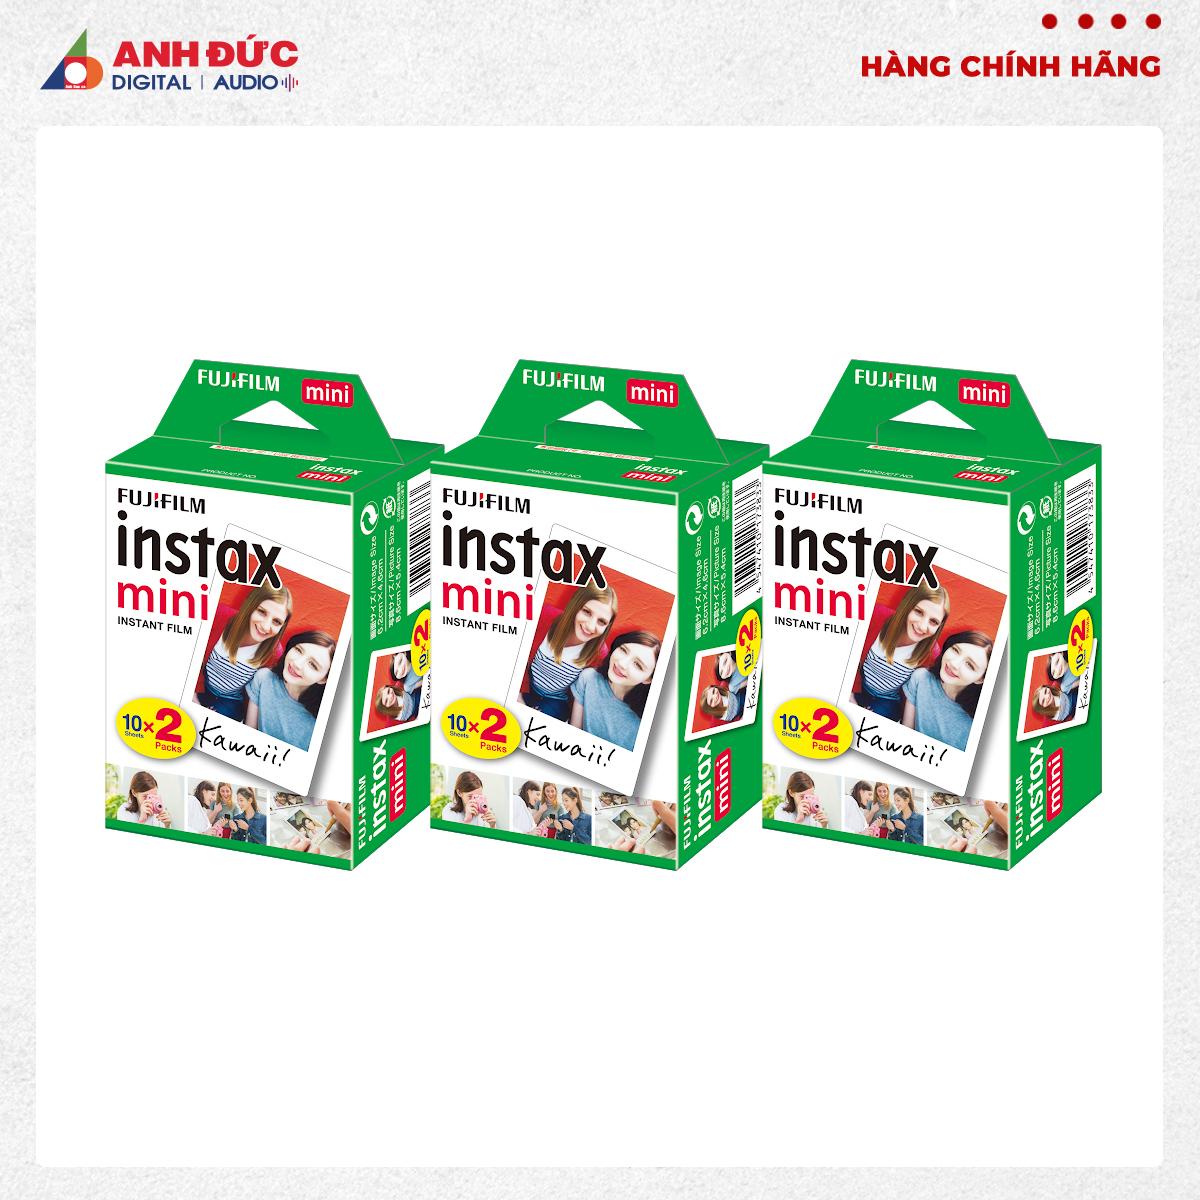 Combo 3 Hộp Film Chụp Hình Lấy Ngay Fujifilm Instax Mini 10X2/PK (60 Tờ) Giá Tiết Kiệm Nhất Thị Trường